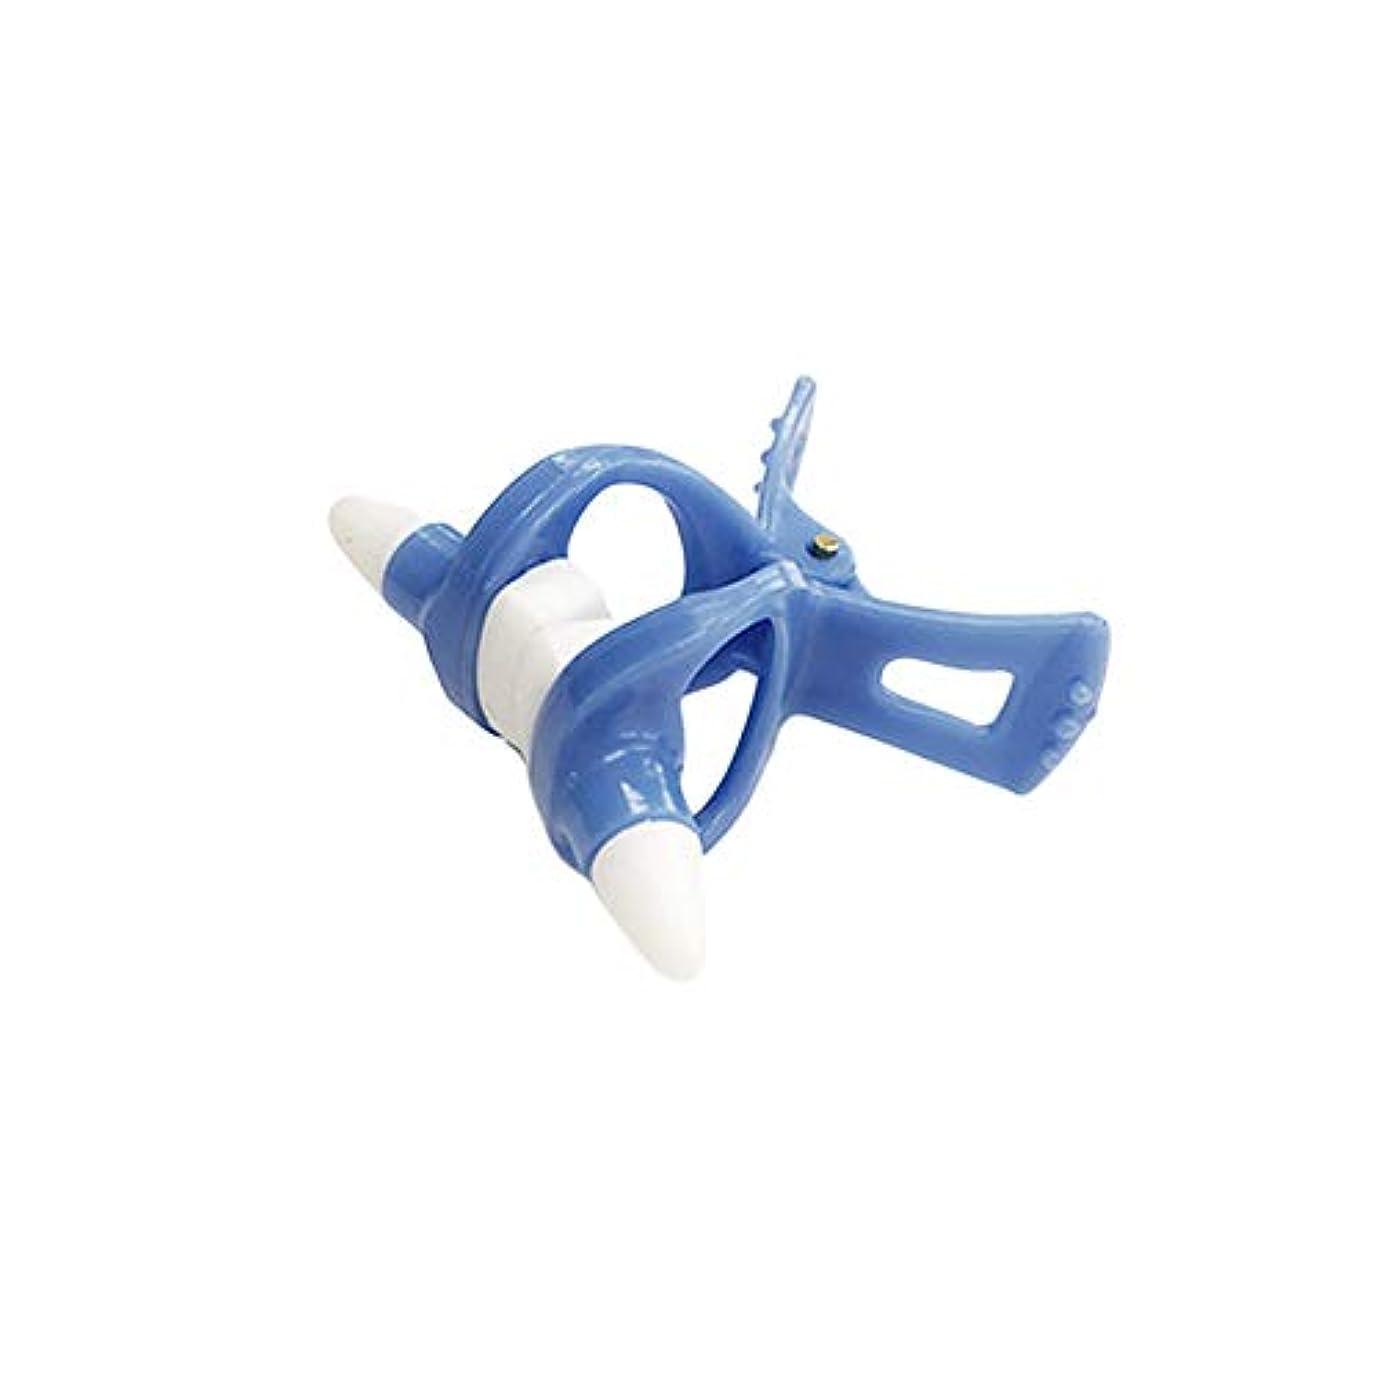 案件水没デモンストレーション[jolifavori]鼻を高くするための矯正クリップ 鼻高々ノーズアップ 美容グッズ